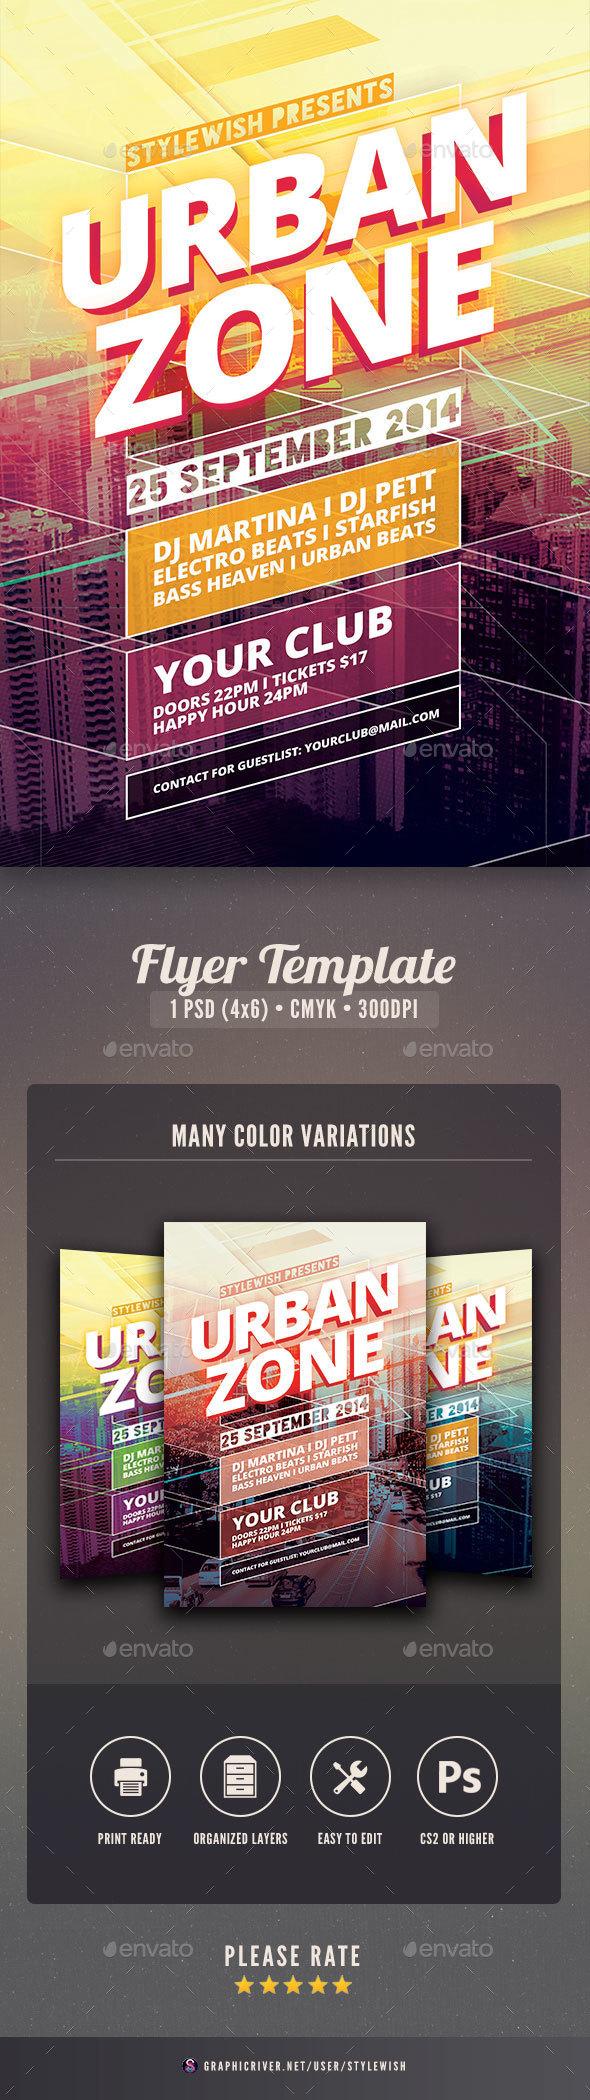 Urban Zone Flyer